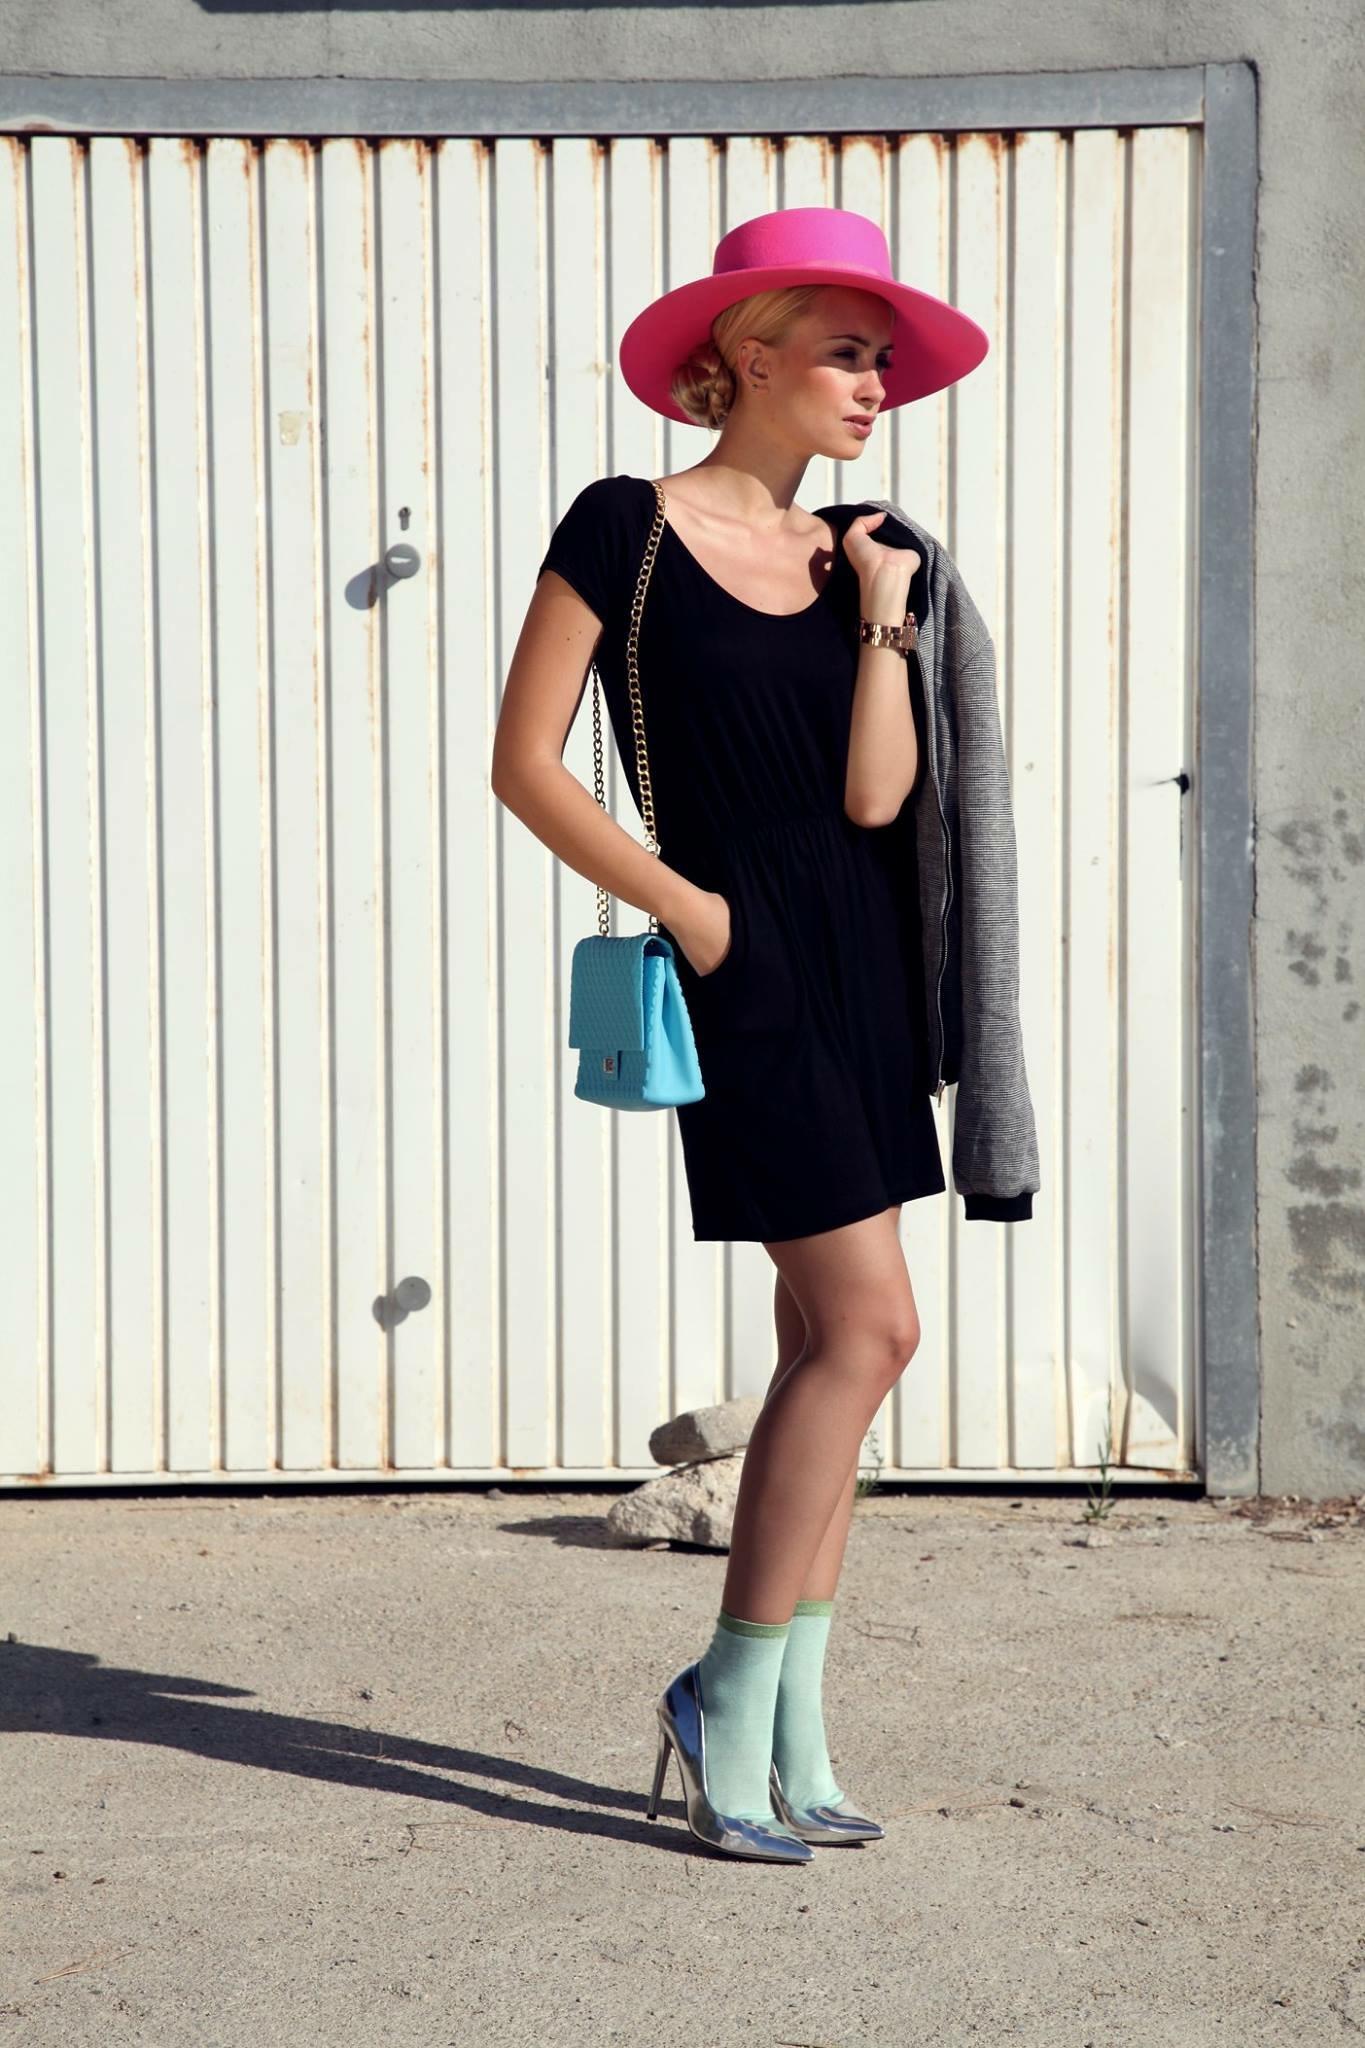 Martyna aus Berlin Haarfarbe: blond (mittel), Augenfarbe: braun, Gr��e: 168, Deutsch: Muttersprache, Englisch: Fliessend, Franz�sisch: leichte Konversation, Spanisch: nein